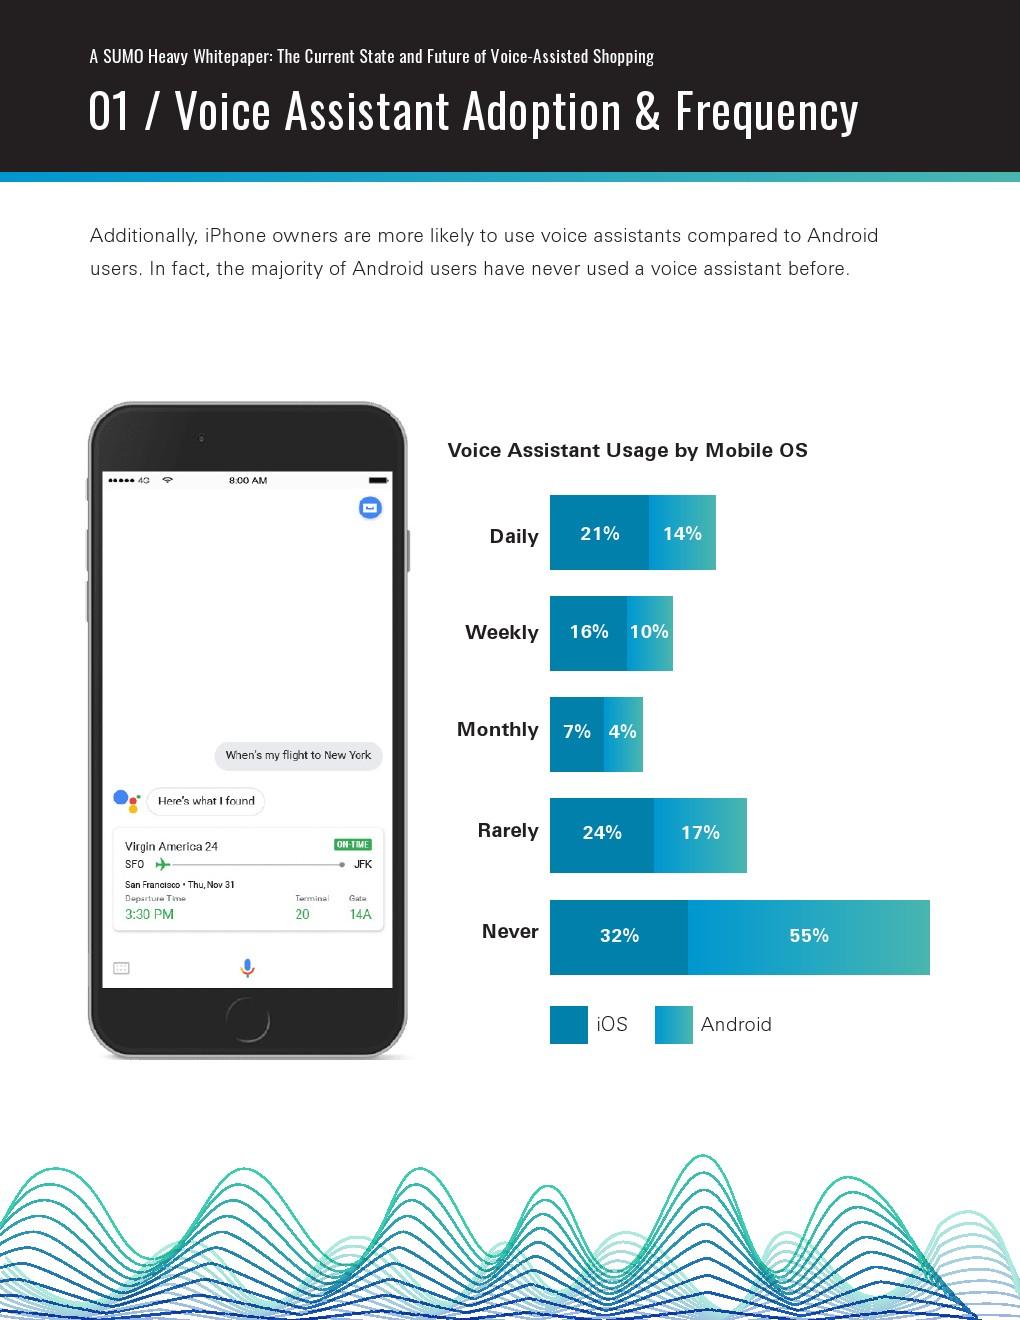 SUMO Heavy:语音助手购物的现状与未来插图(3)